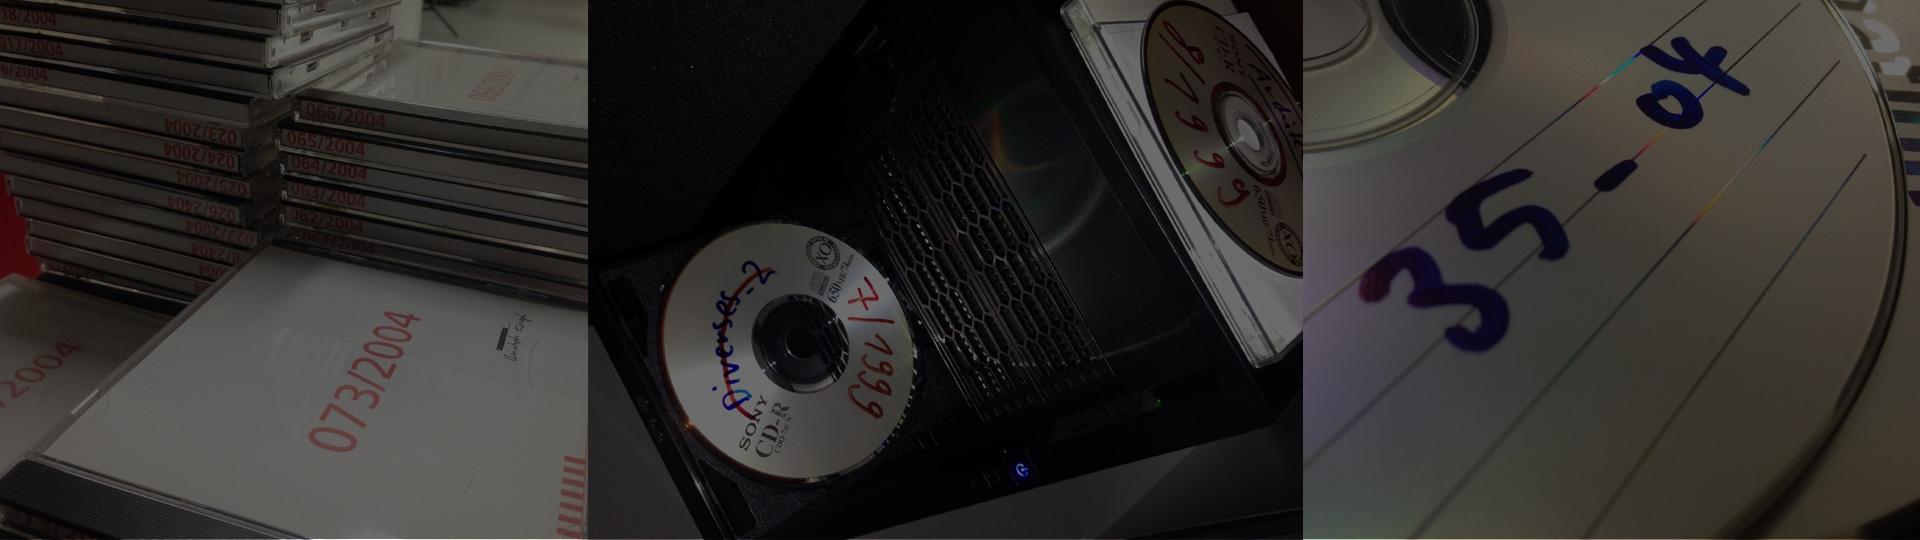 Früher wurden die CDs von einem ganzen Jahr manuell eingelesen und abgelegt. Hier beim Einlesen von DVDs im Jahr 2004.